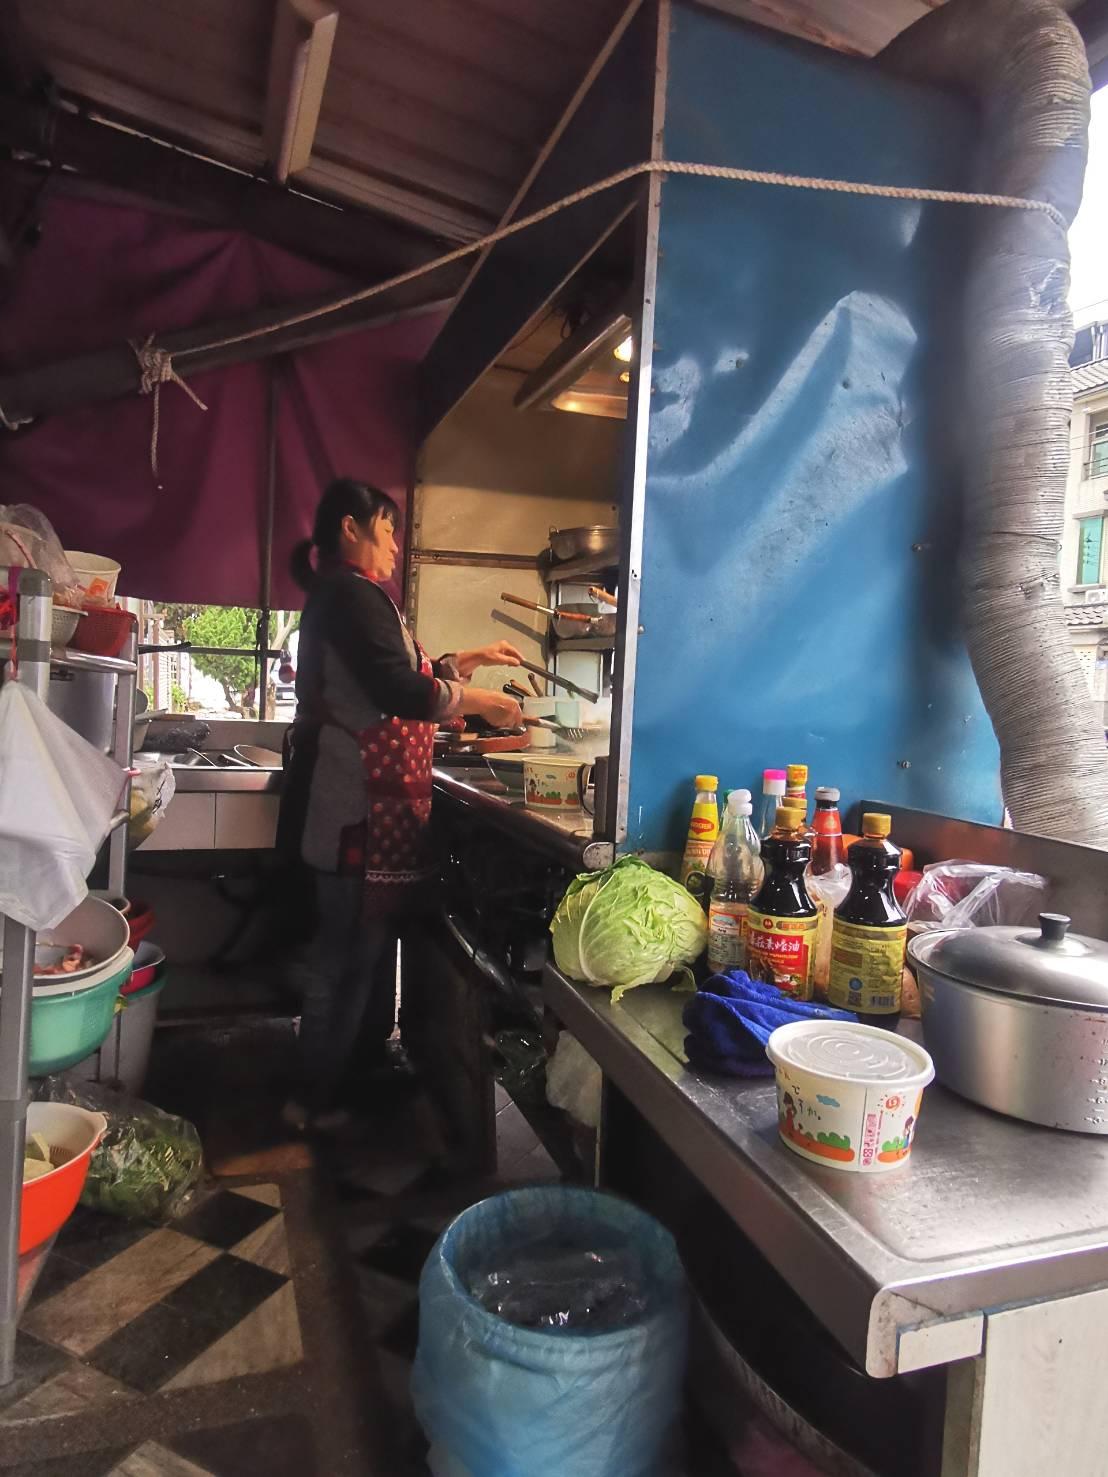 花蓮這間泰國阿姨開的無名小店 牛骨湯超厲害居然只要50元  泰國人在台灣的家鄉美食  有什麼賣什麼 從早開到晚  球崙泰國小吃